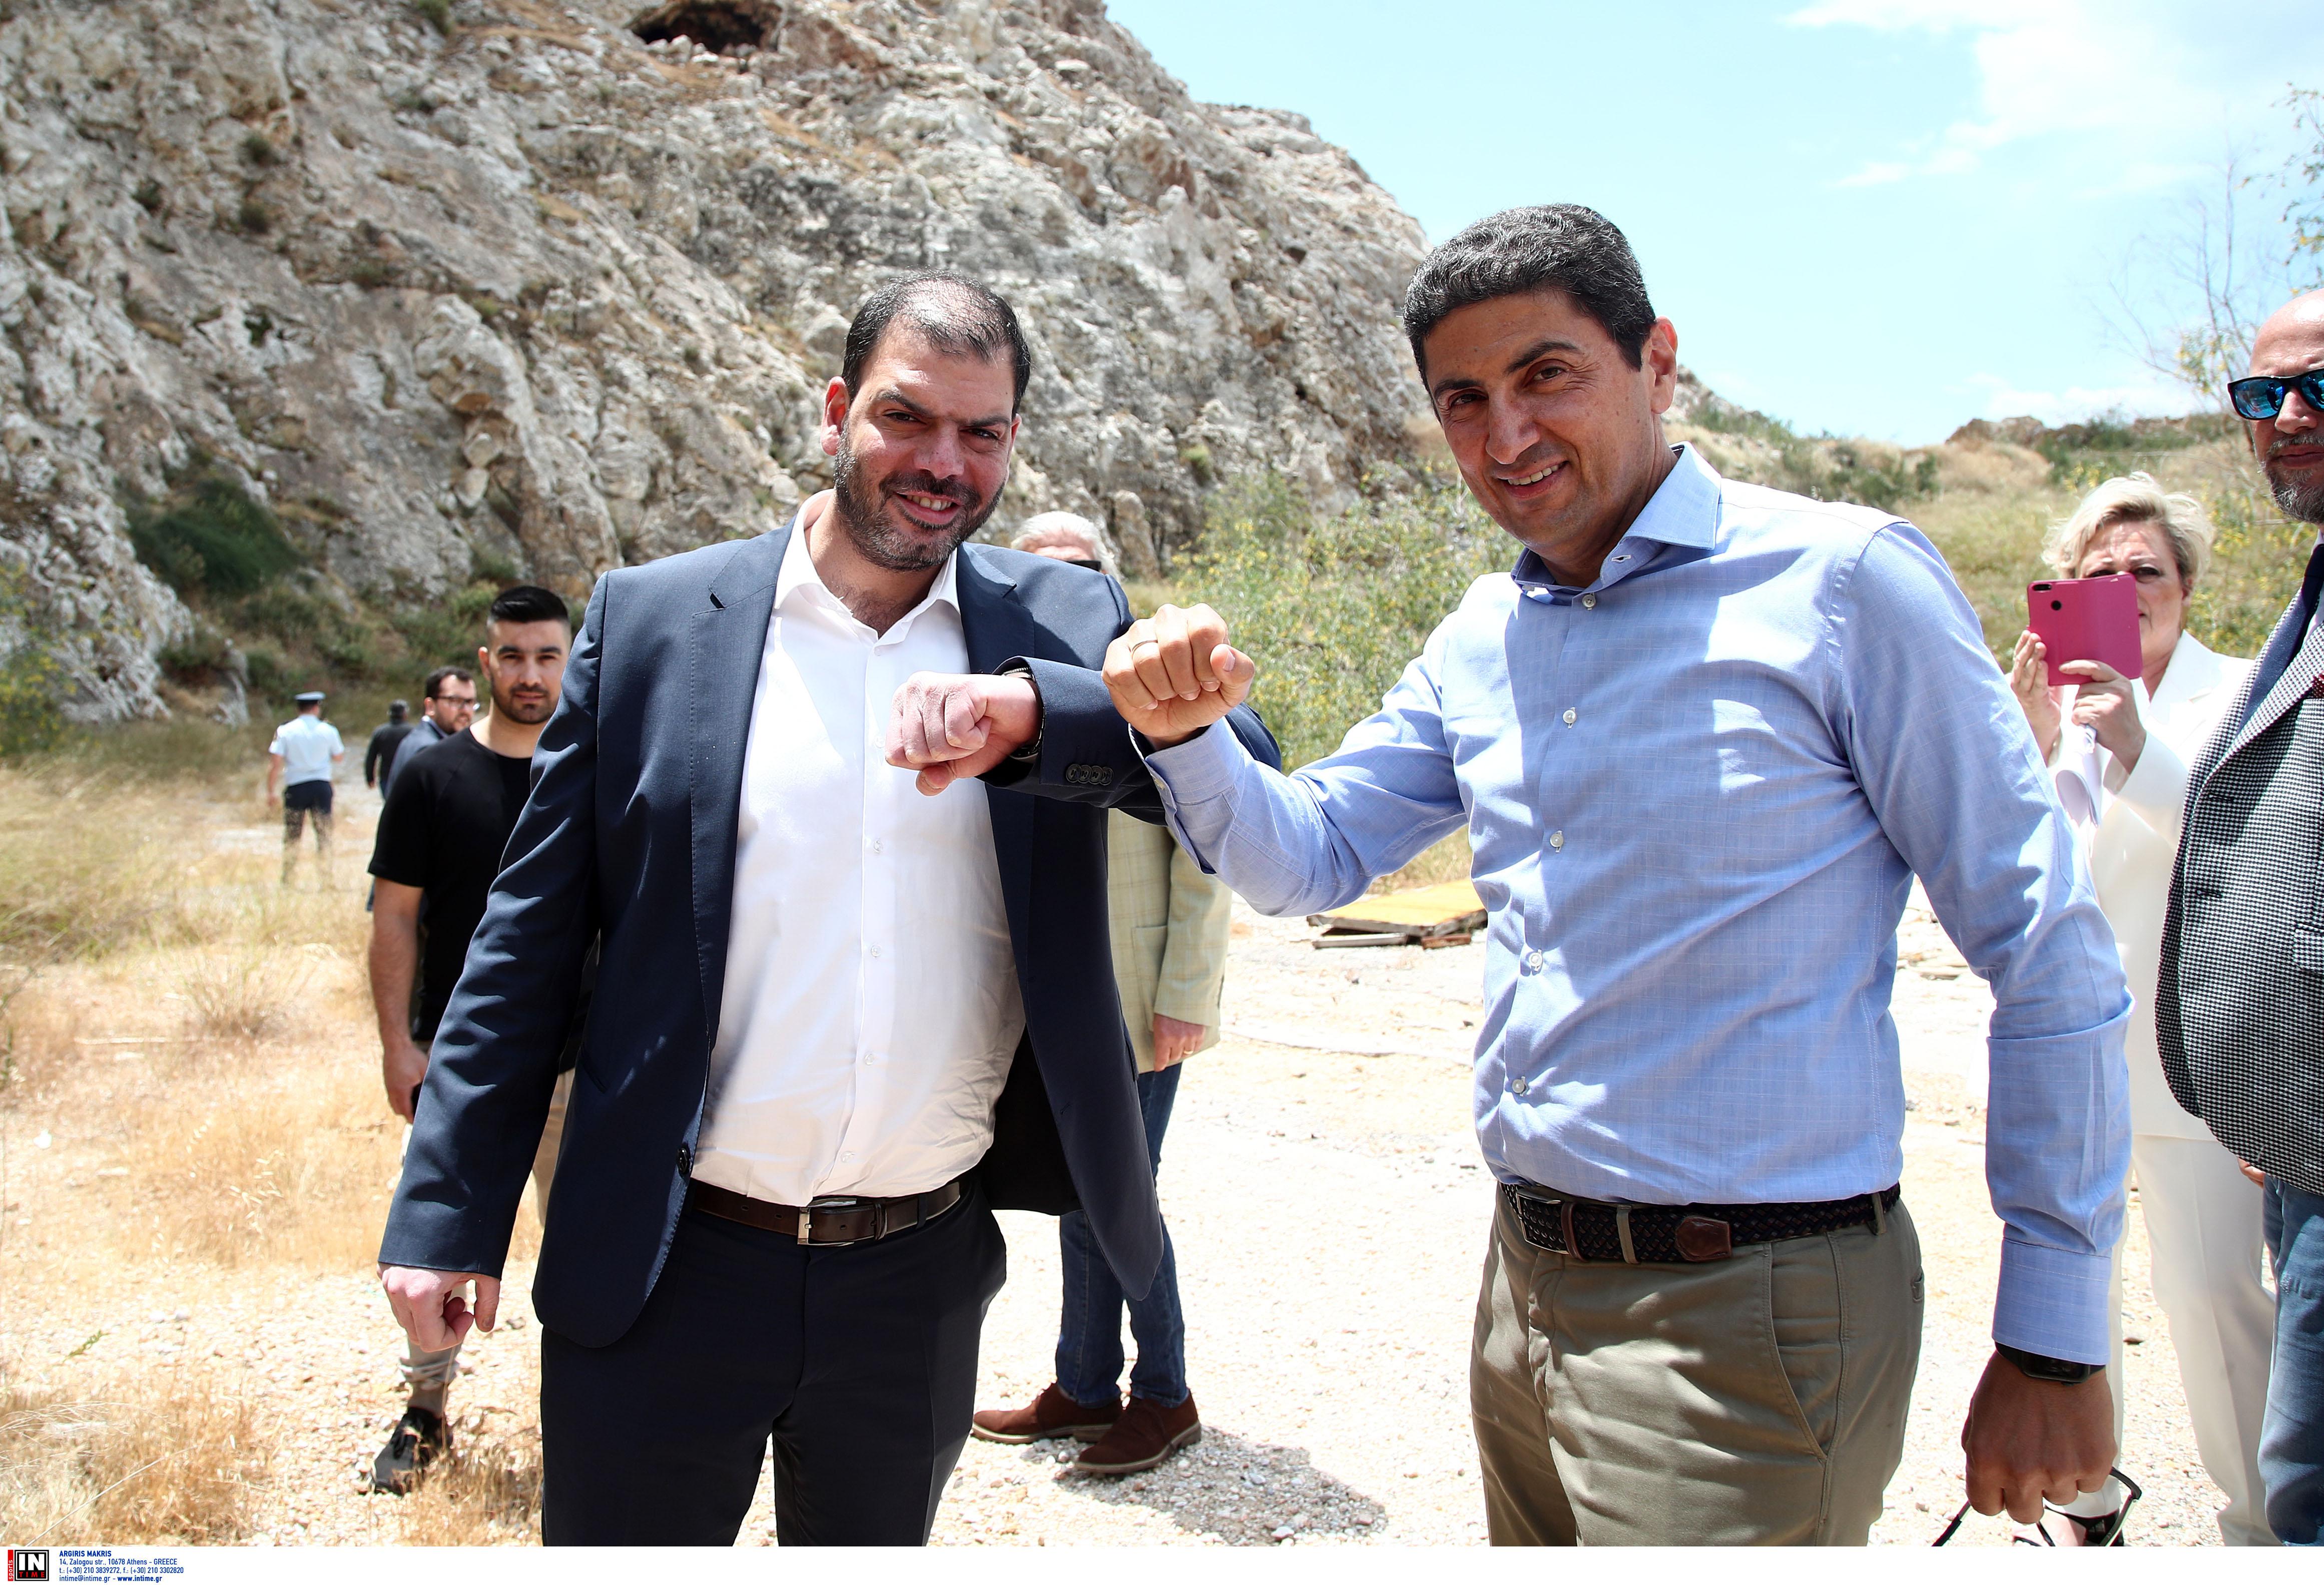 Ο Δήμαρχος Κορυδαλλού και ο Λευτέρης Αυγενάκης στην παραχώρηση έκτασης της ΓΓΑ στο Σχιστό στο Δήμο Κορυδαλλού